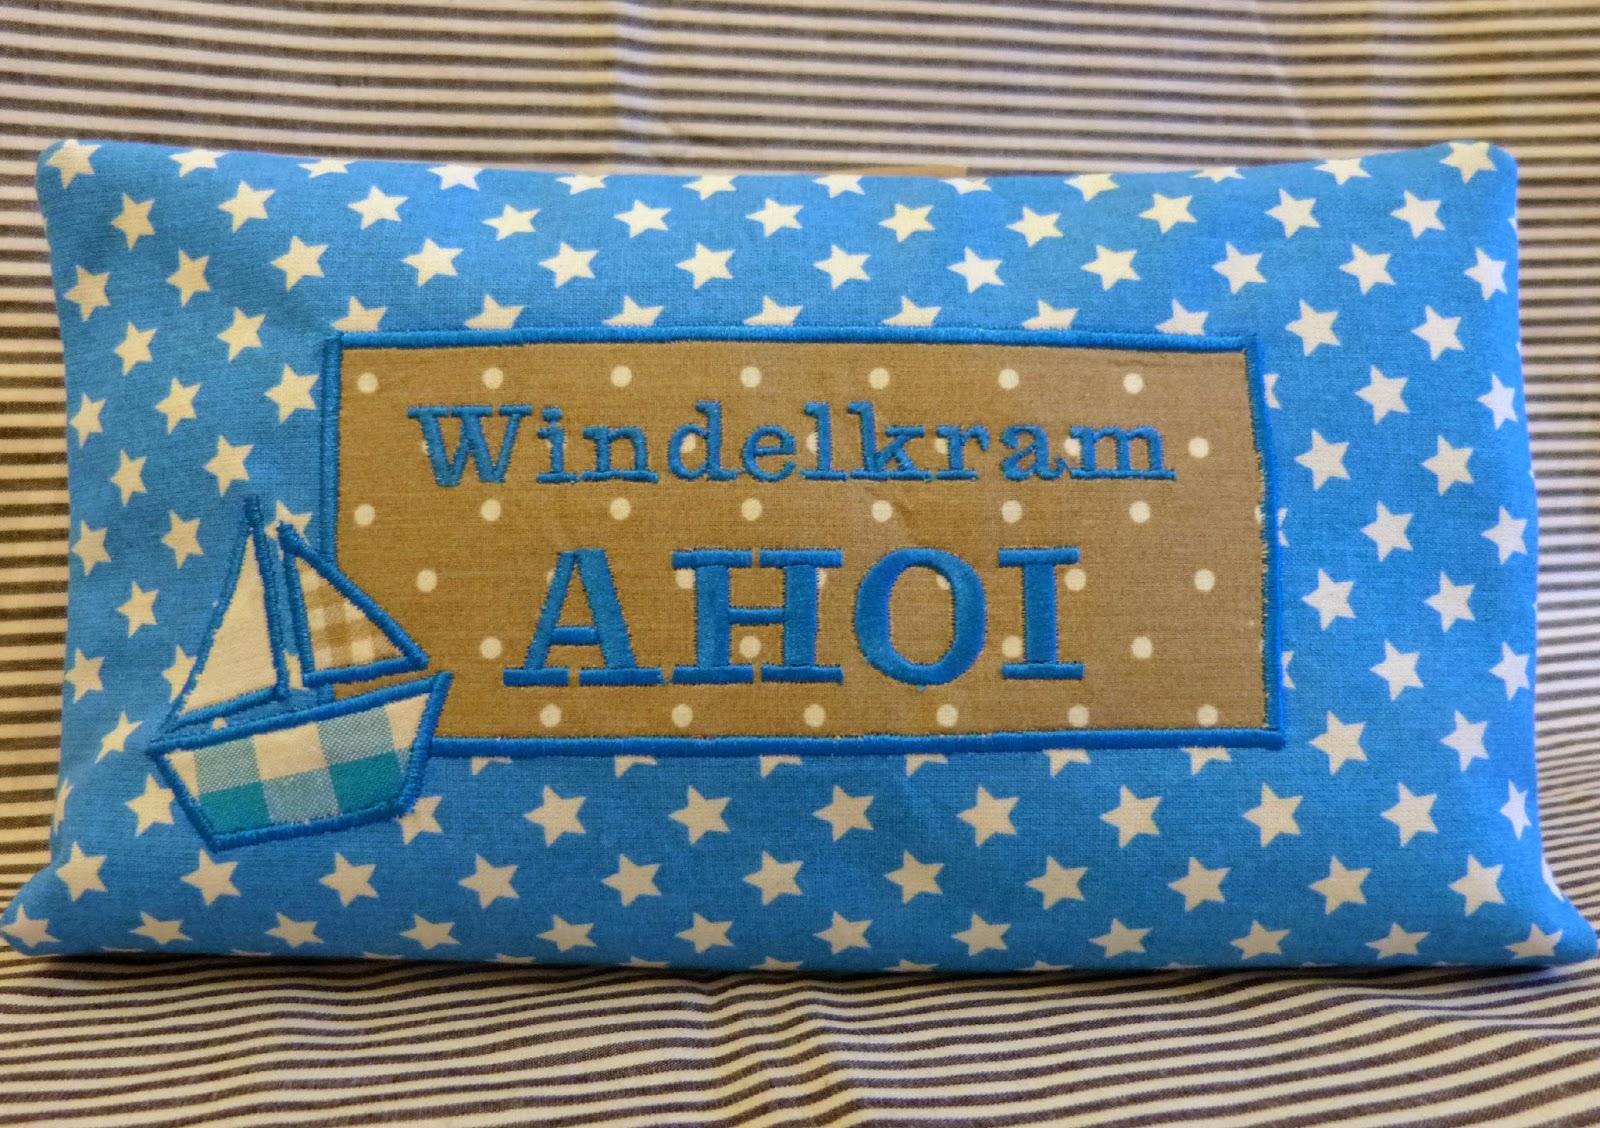 """fertige maritime Wickeltasche, türkisfarbener Sternenstoff außen, Schriftzug """"Windelkram AHOI"""" auf beigefarbenen Stoff mit Punkten, daneben eine kleine Schiffsapplikation"""